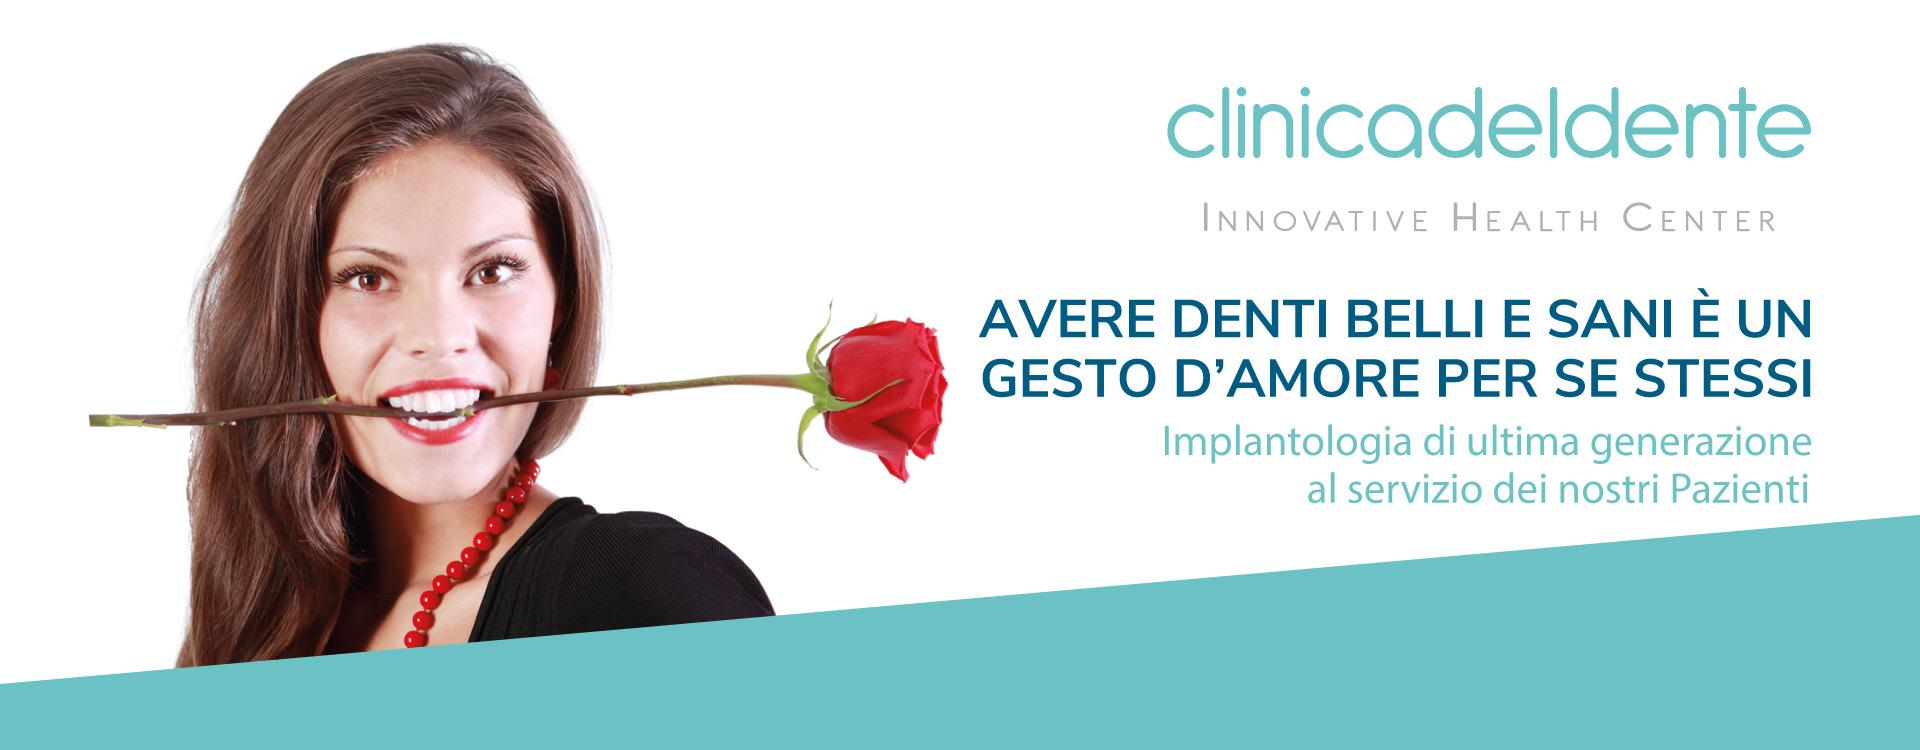 dentista-milano-clinica-del-dente-1